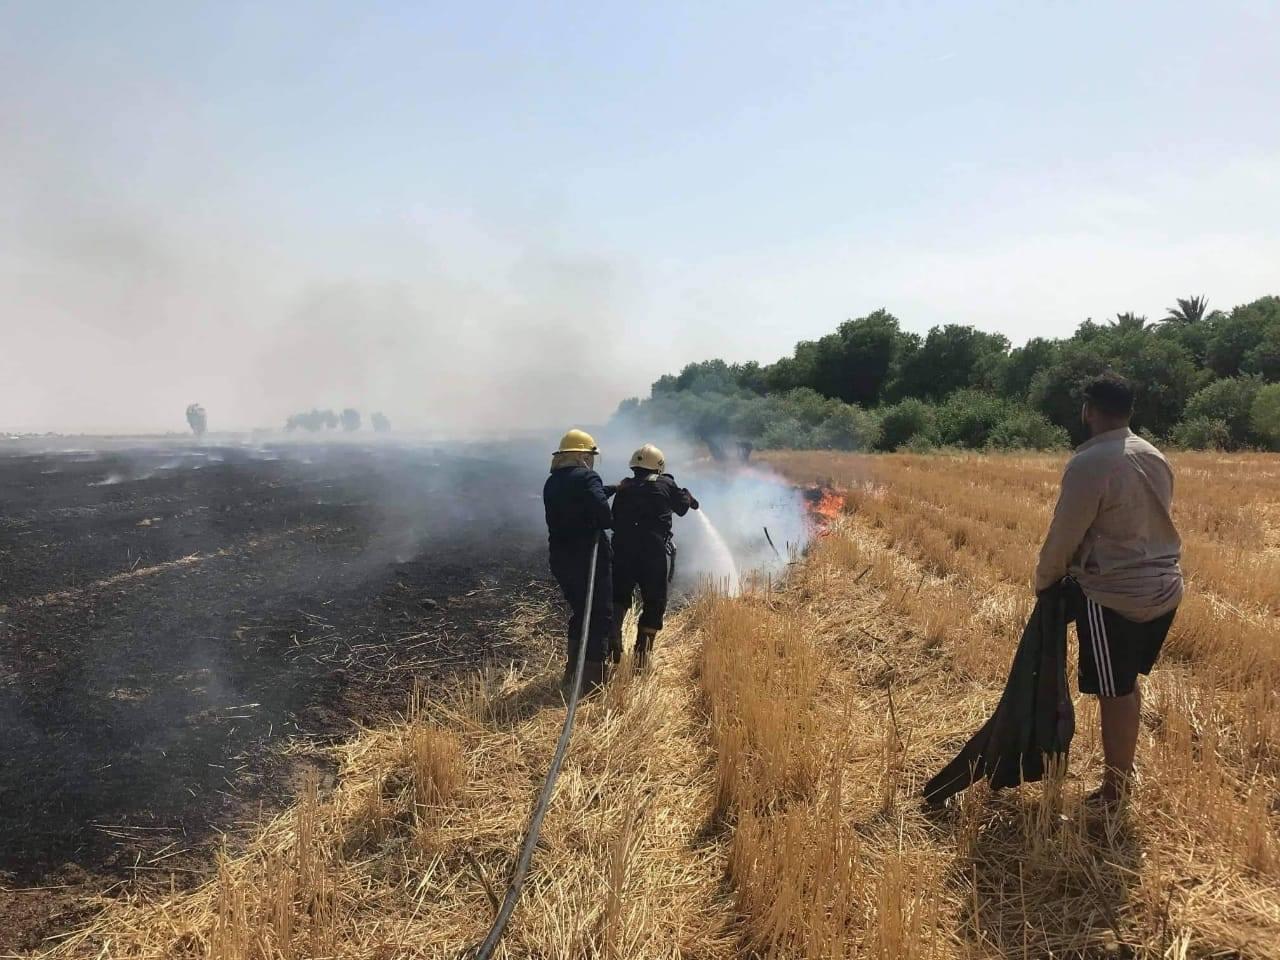 إخماد حريق اندلع في 3 بساتين و400 دونم في ديالى